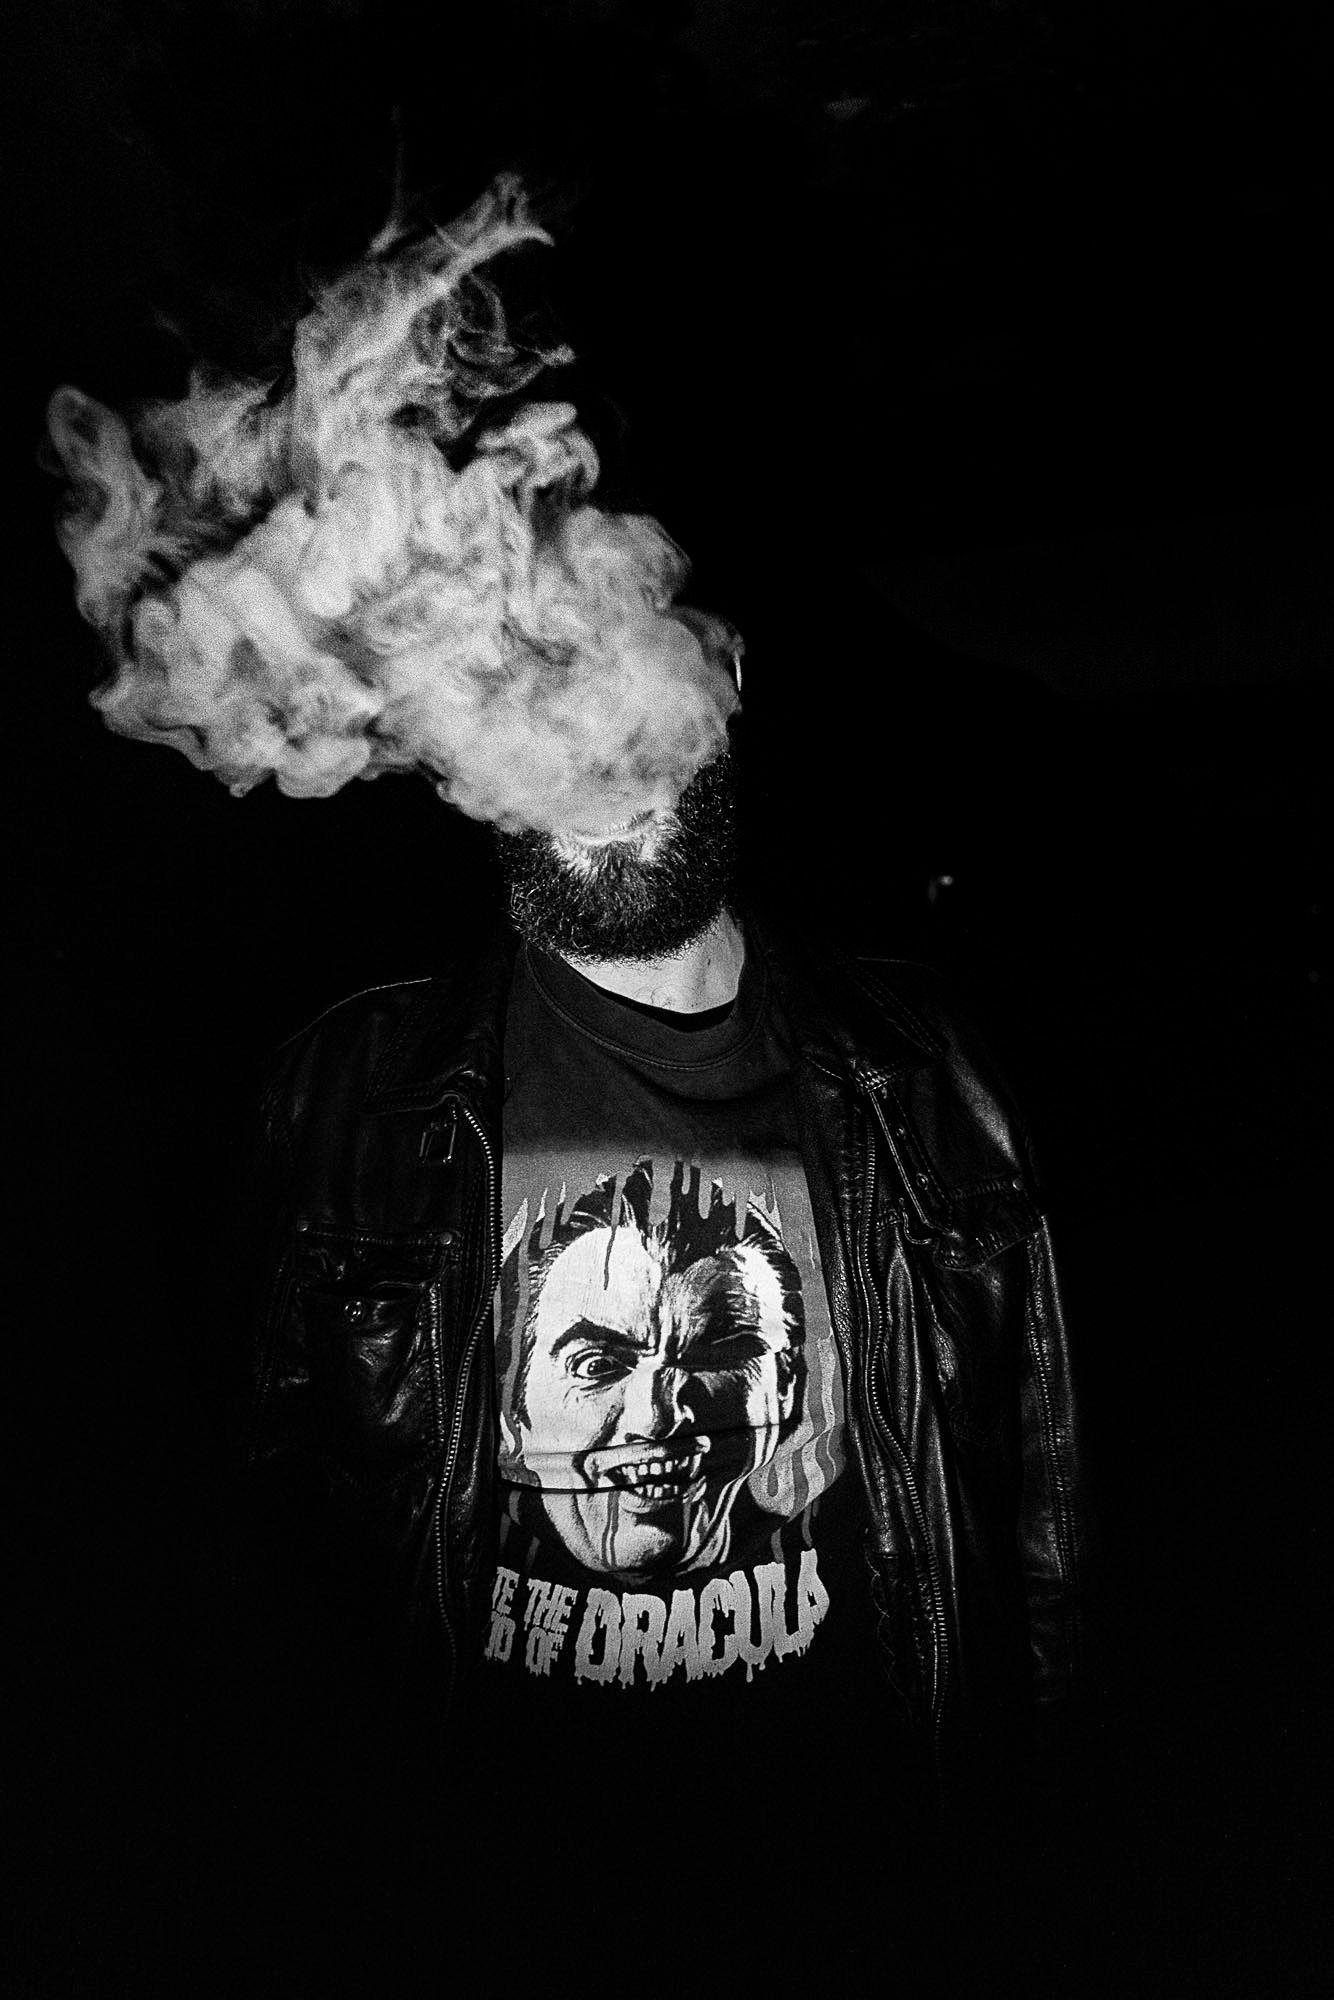 punksmoker